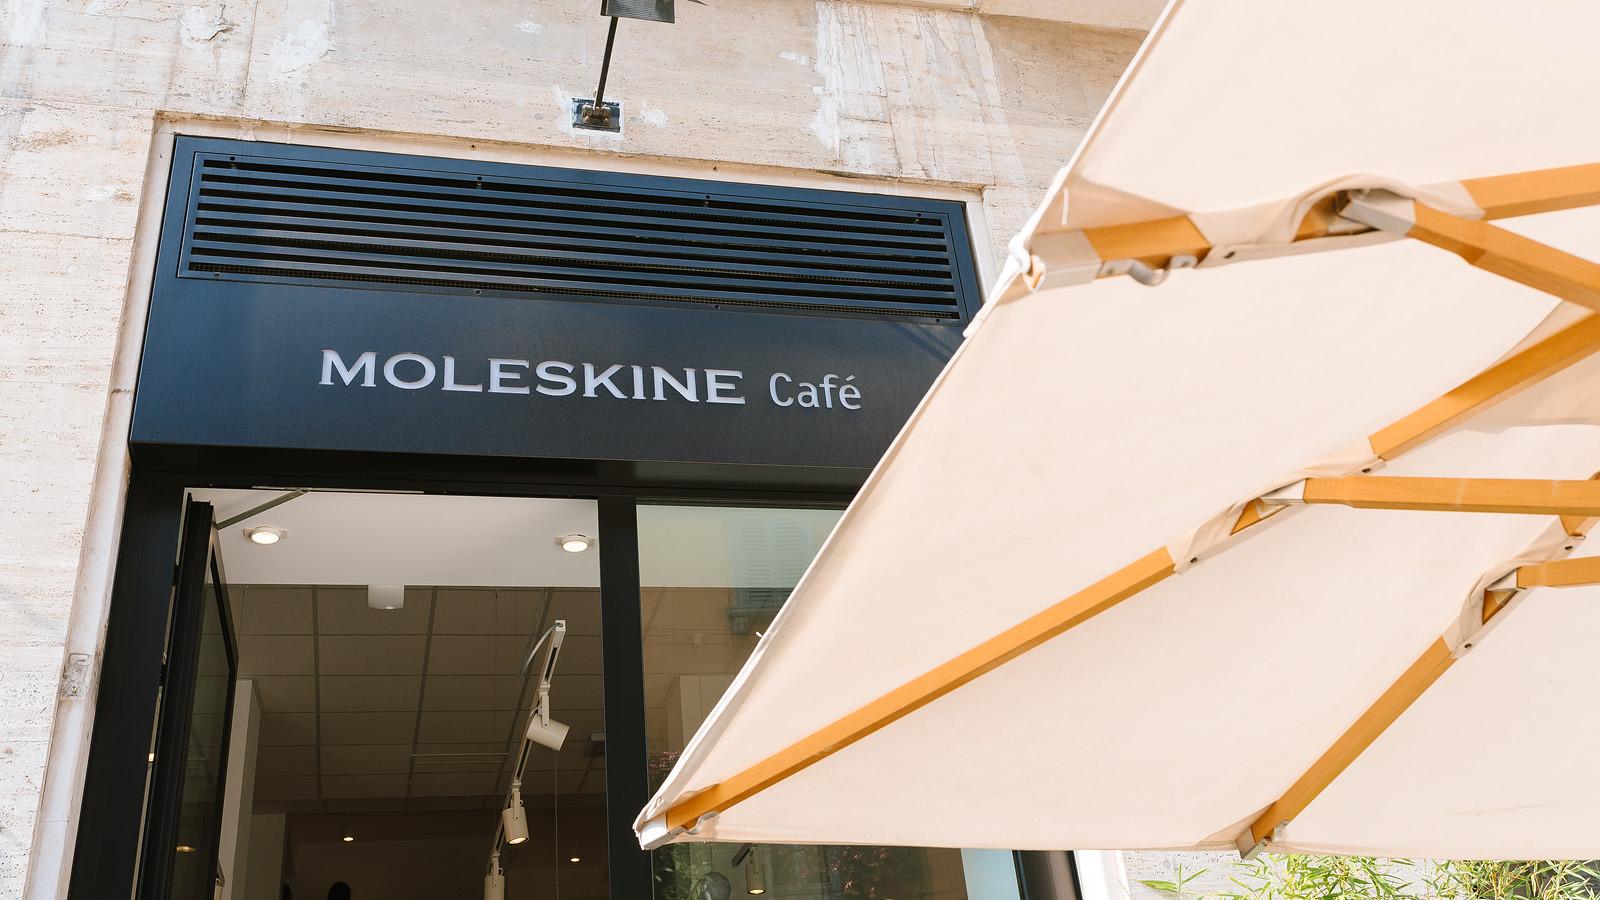 moleskine-cafe-gruppo-peroni-eventi-06